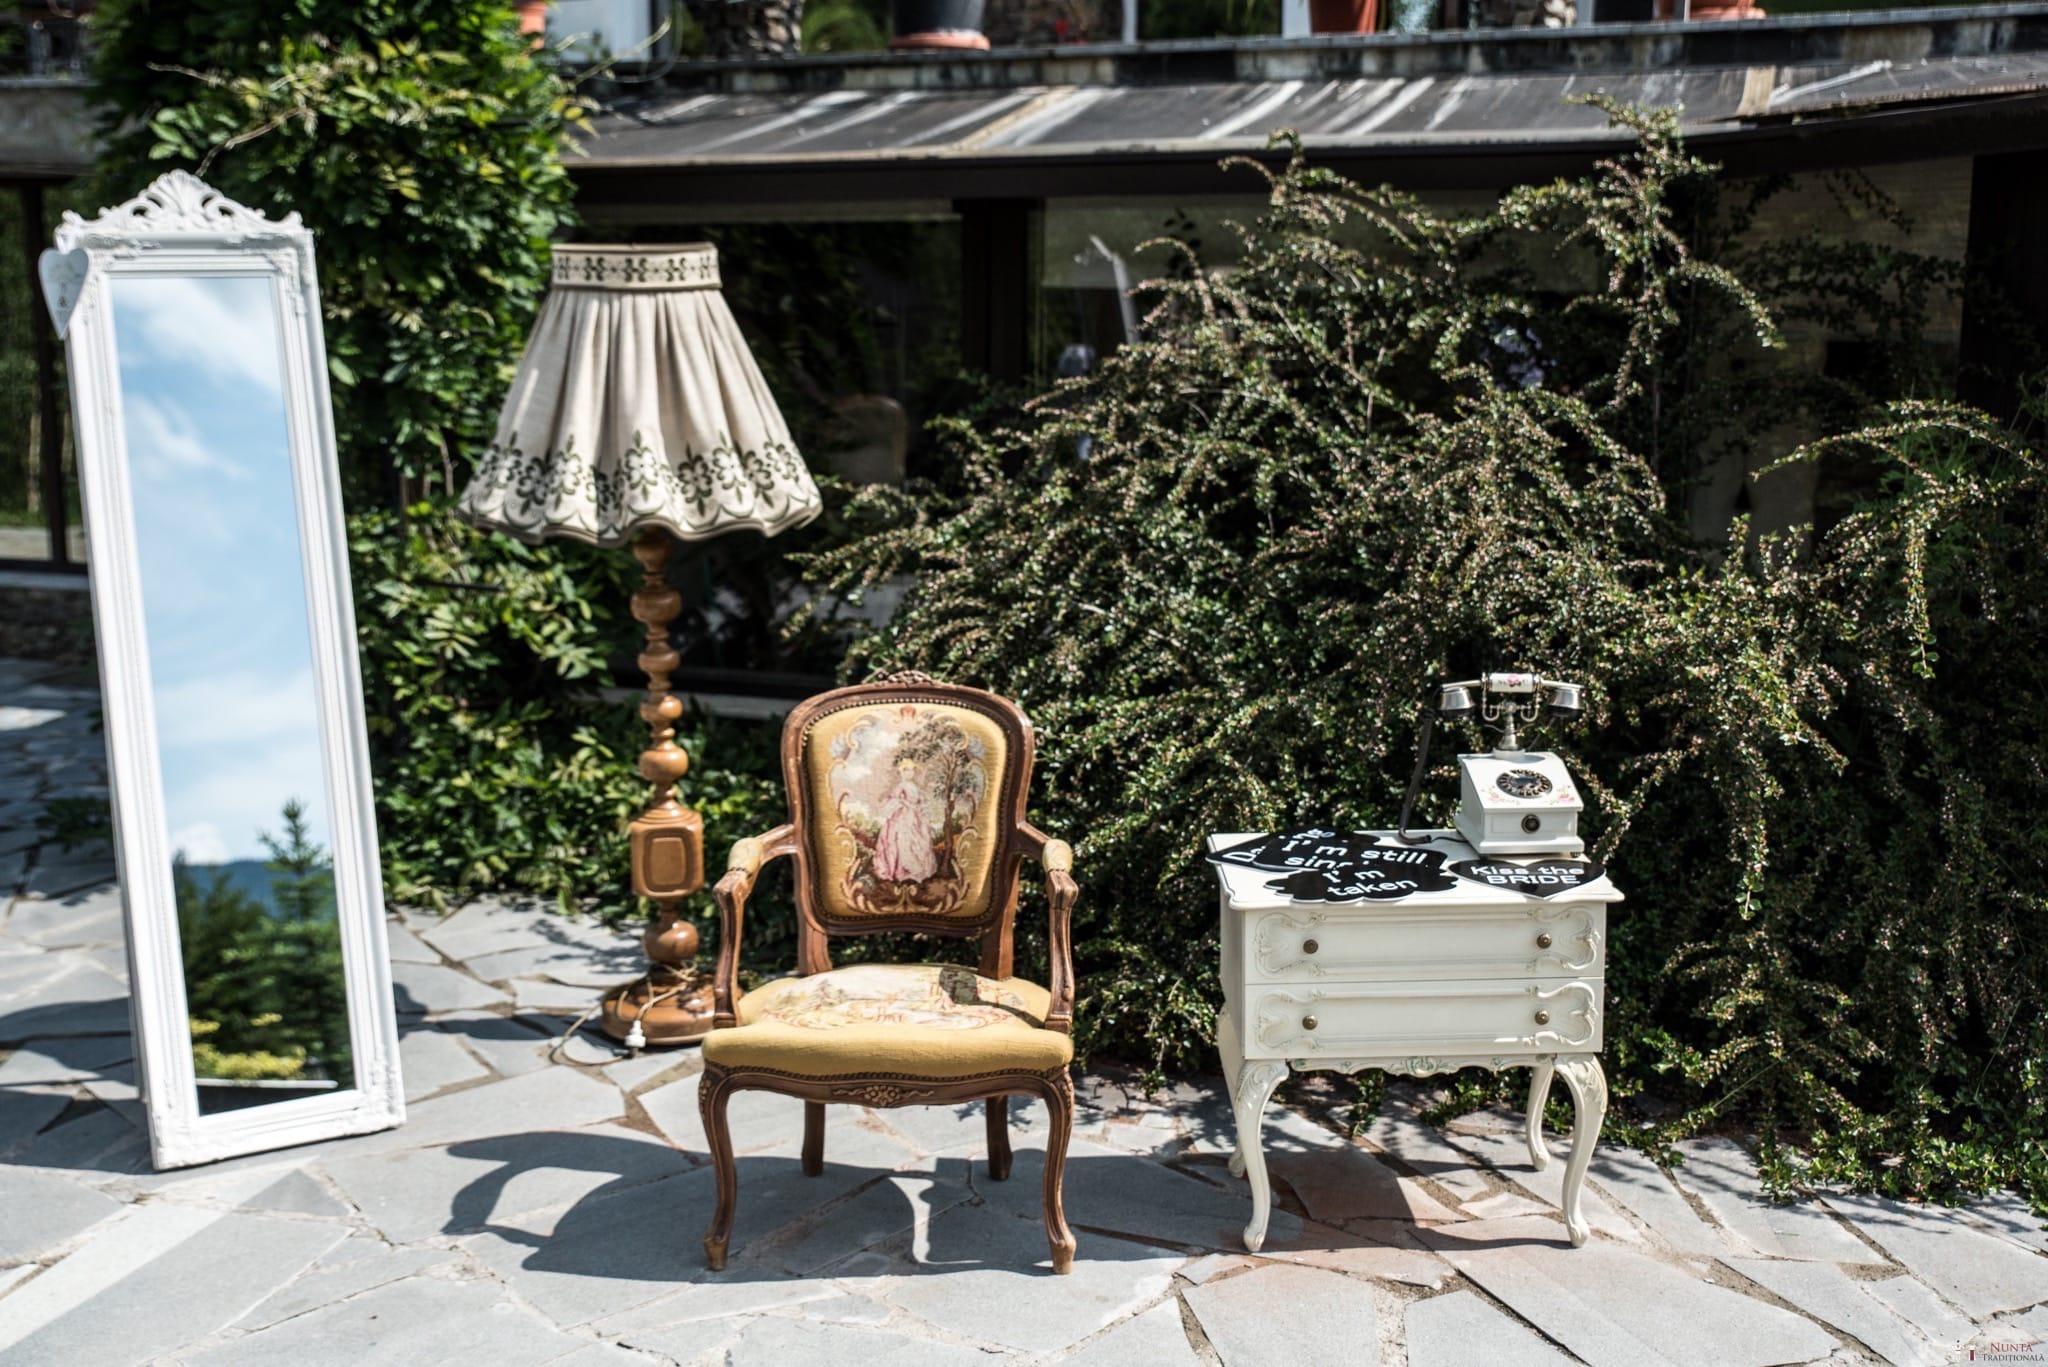 Povești Nunți Tradiționale - Irina și Alexandru, nuntă în Câmpulung Moldovenesc, Suceava 3